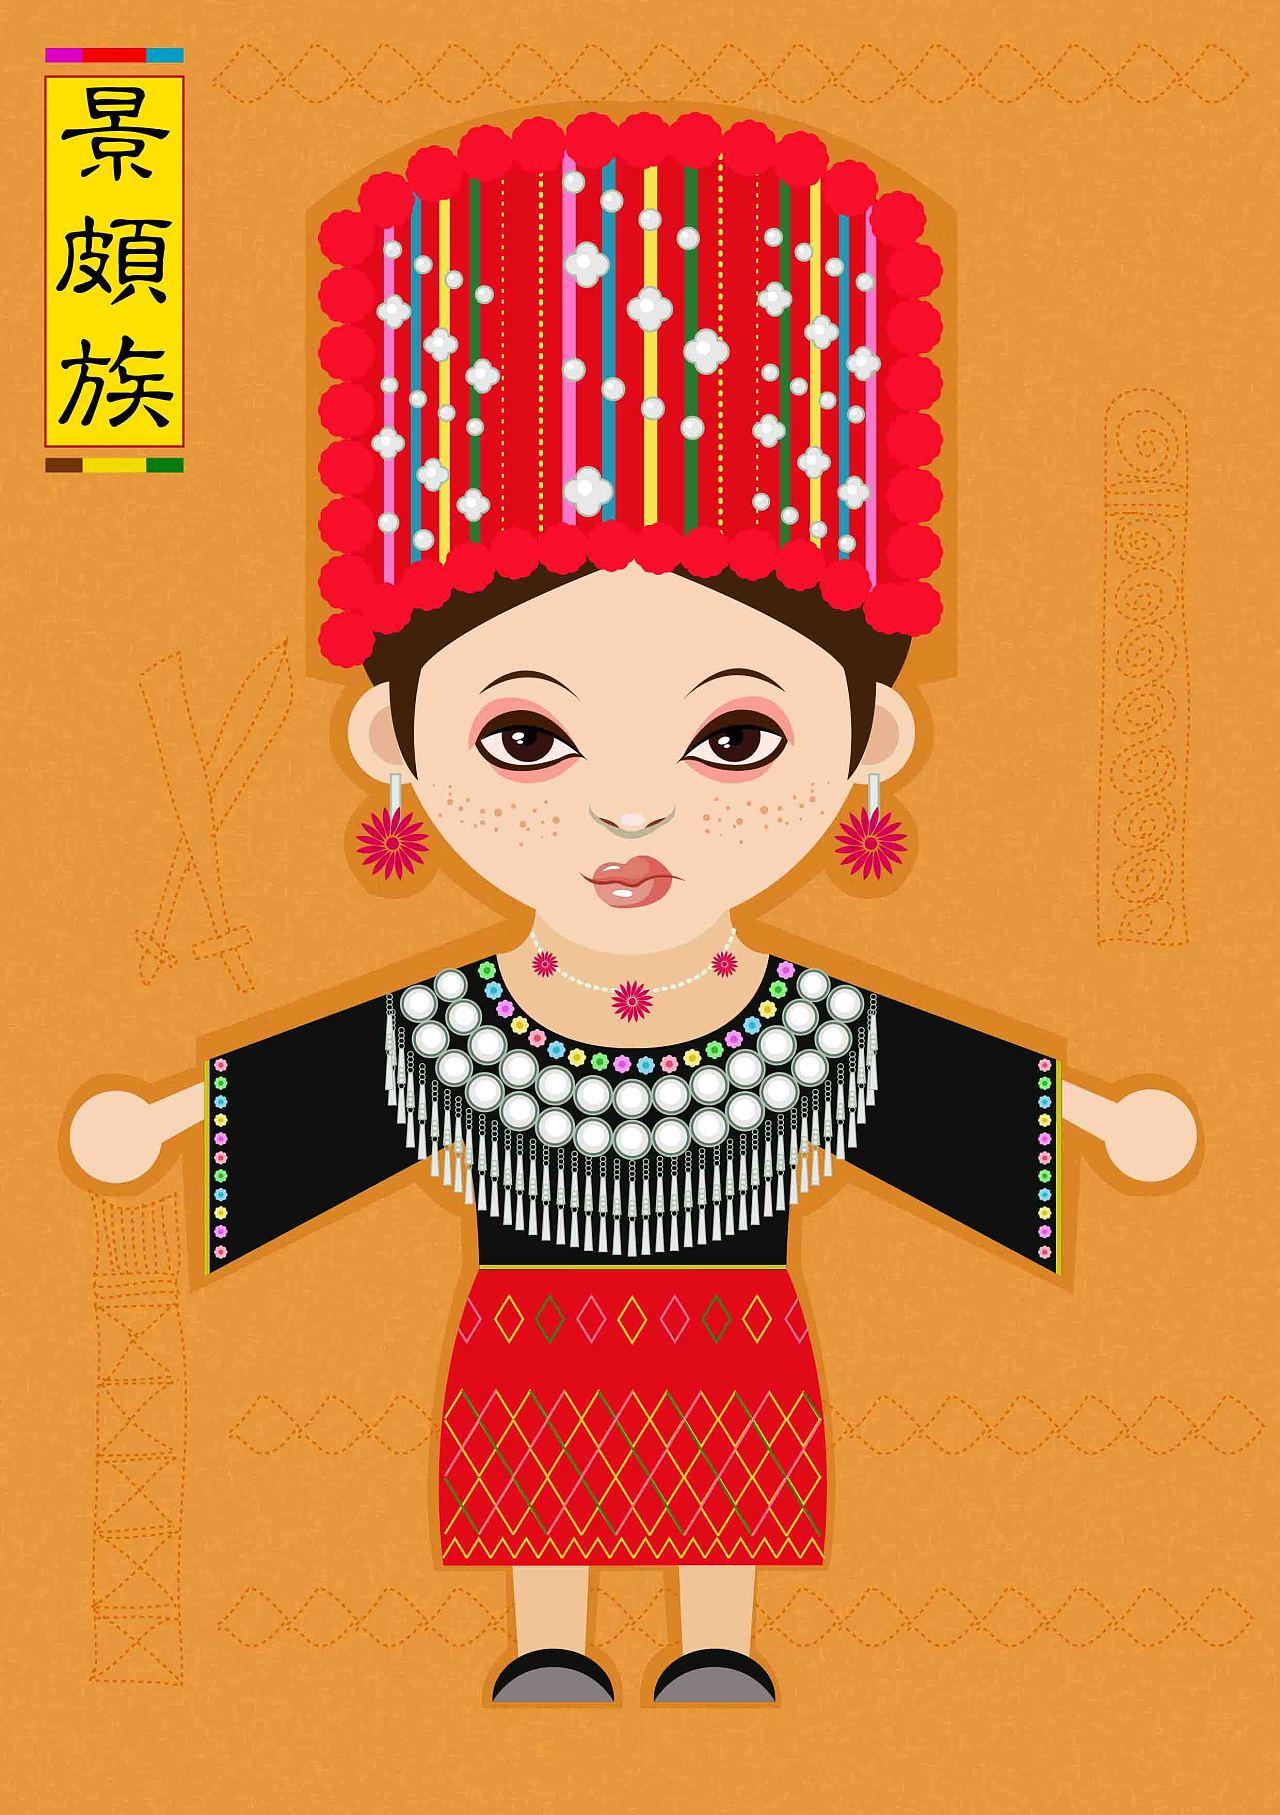 少数民族服饰卡通_少数民族服饰推广·卡通人物形象设计|平面|图案|奶奶Tina07-原创